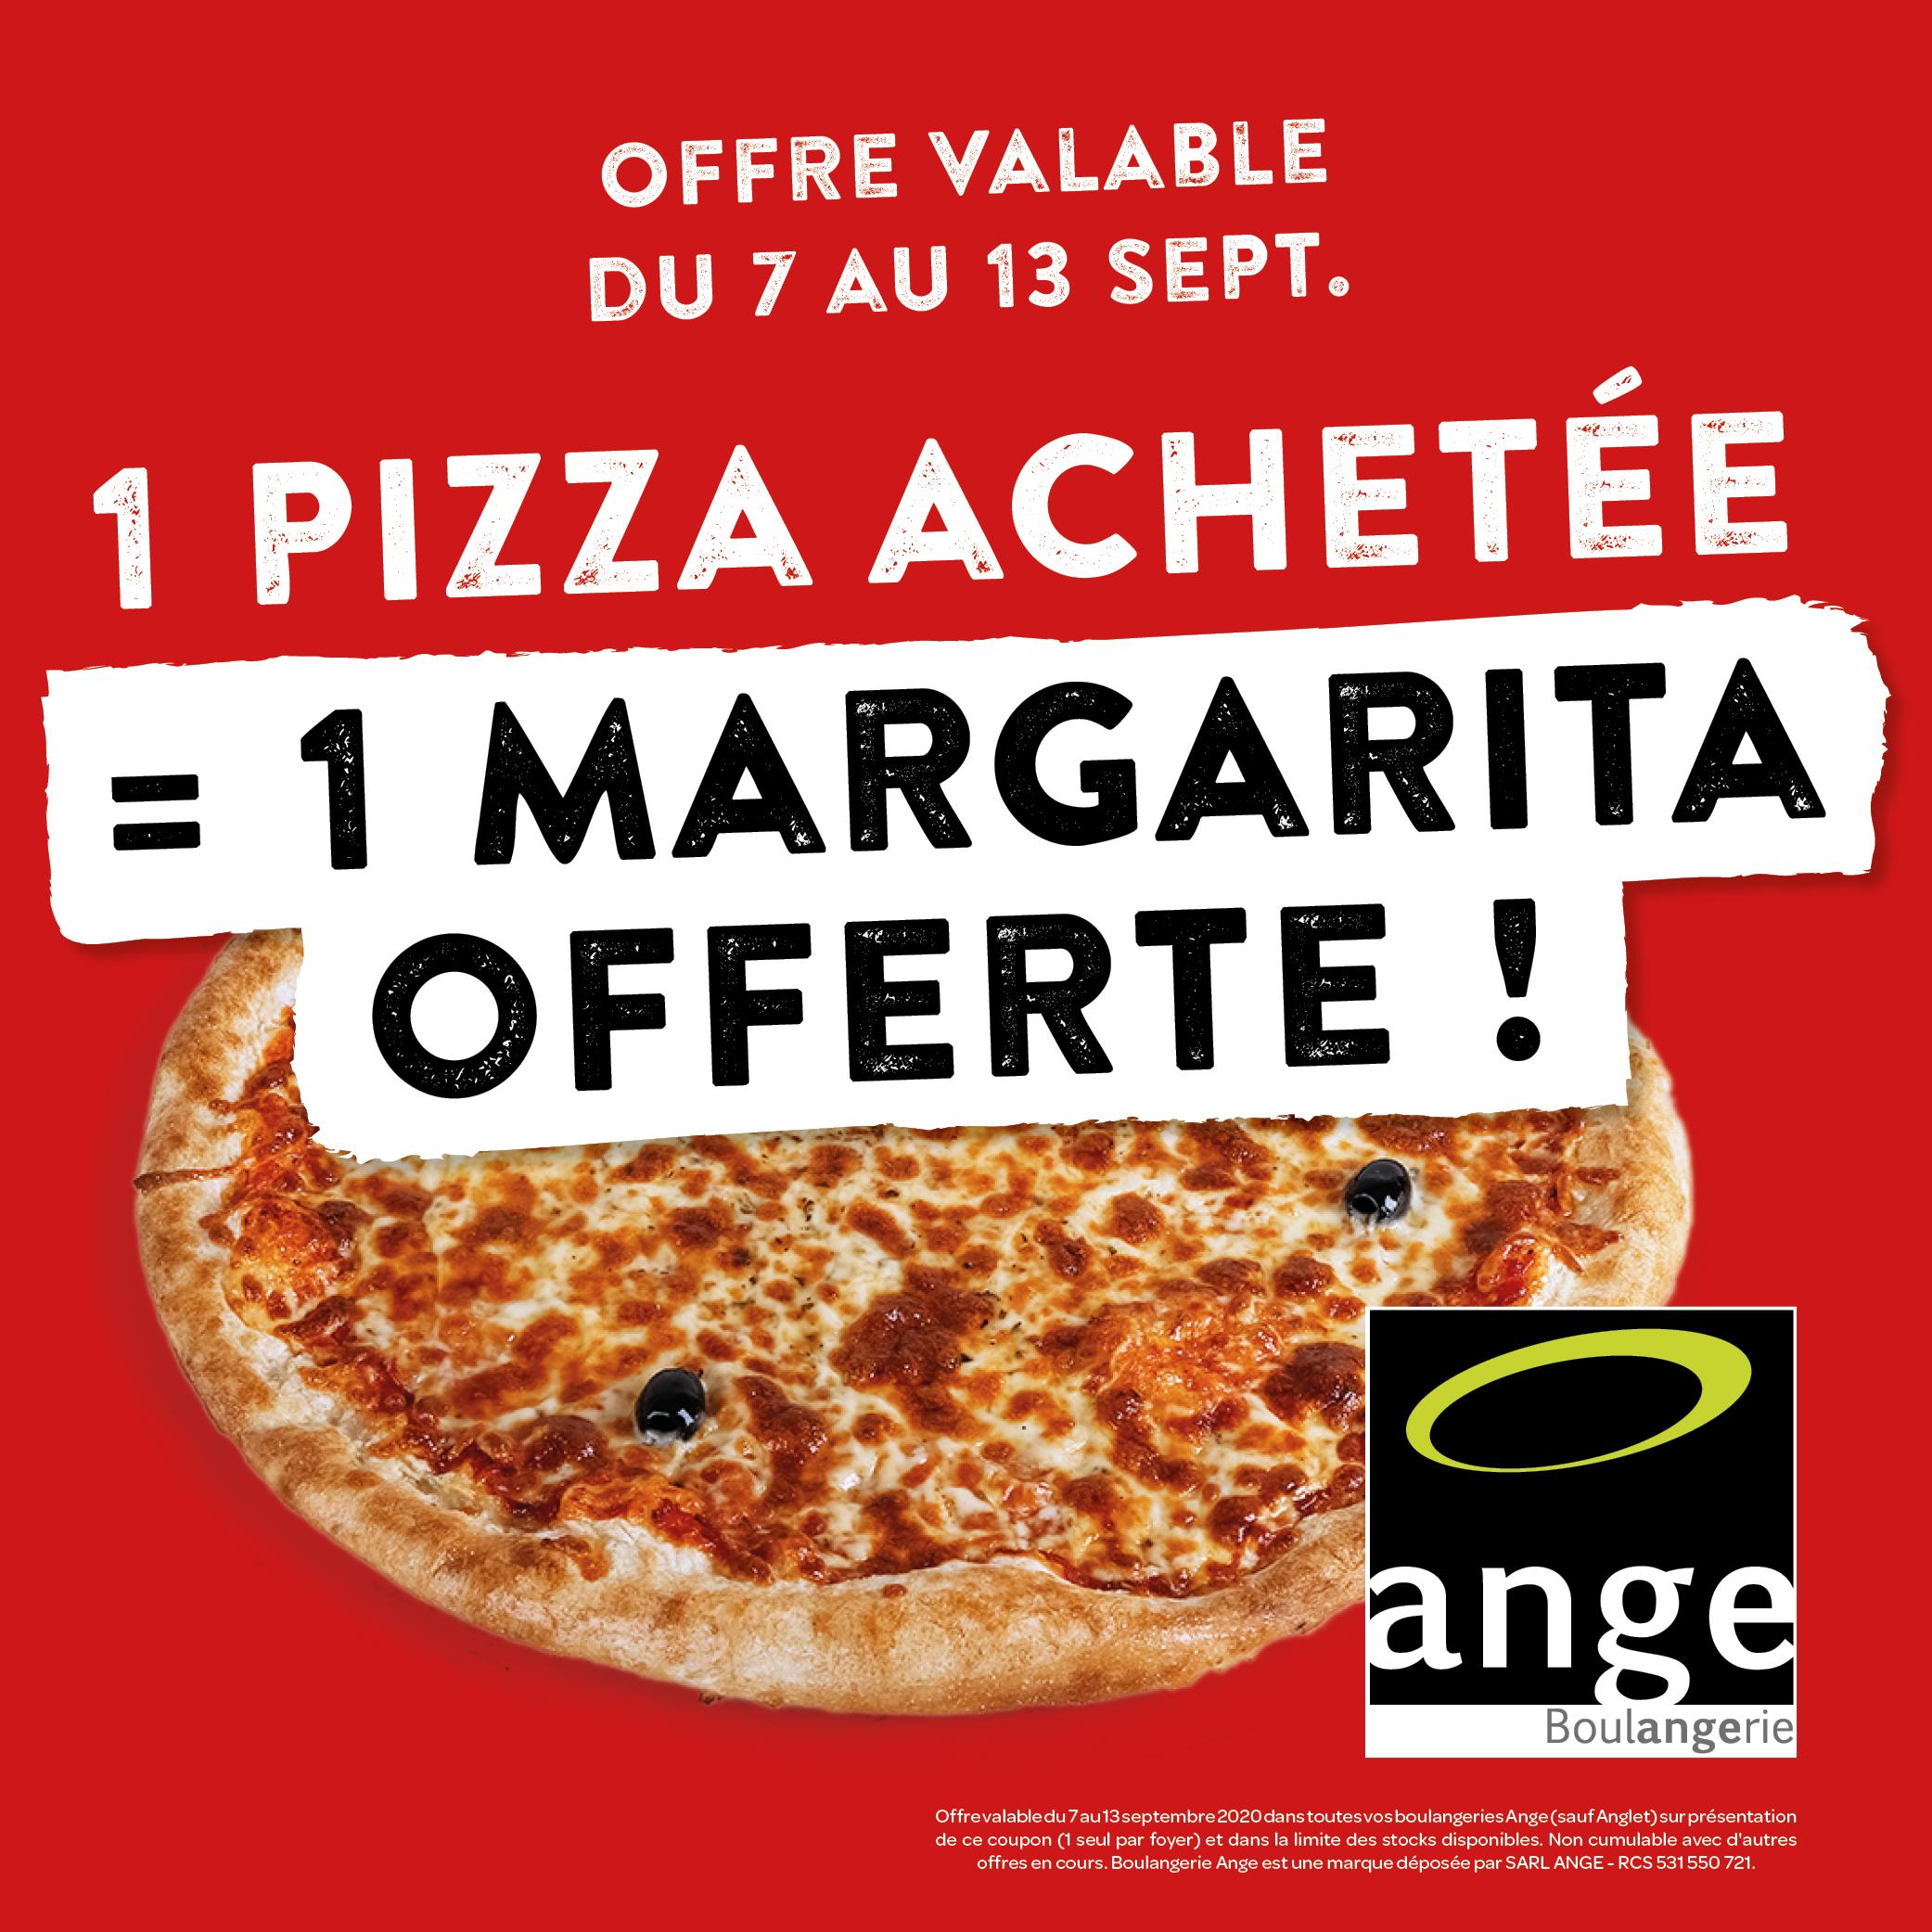 1 Pizza achetée = 1 Margarita offerte - Boulangeries Ange